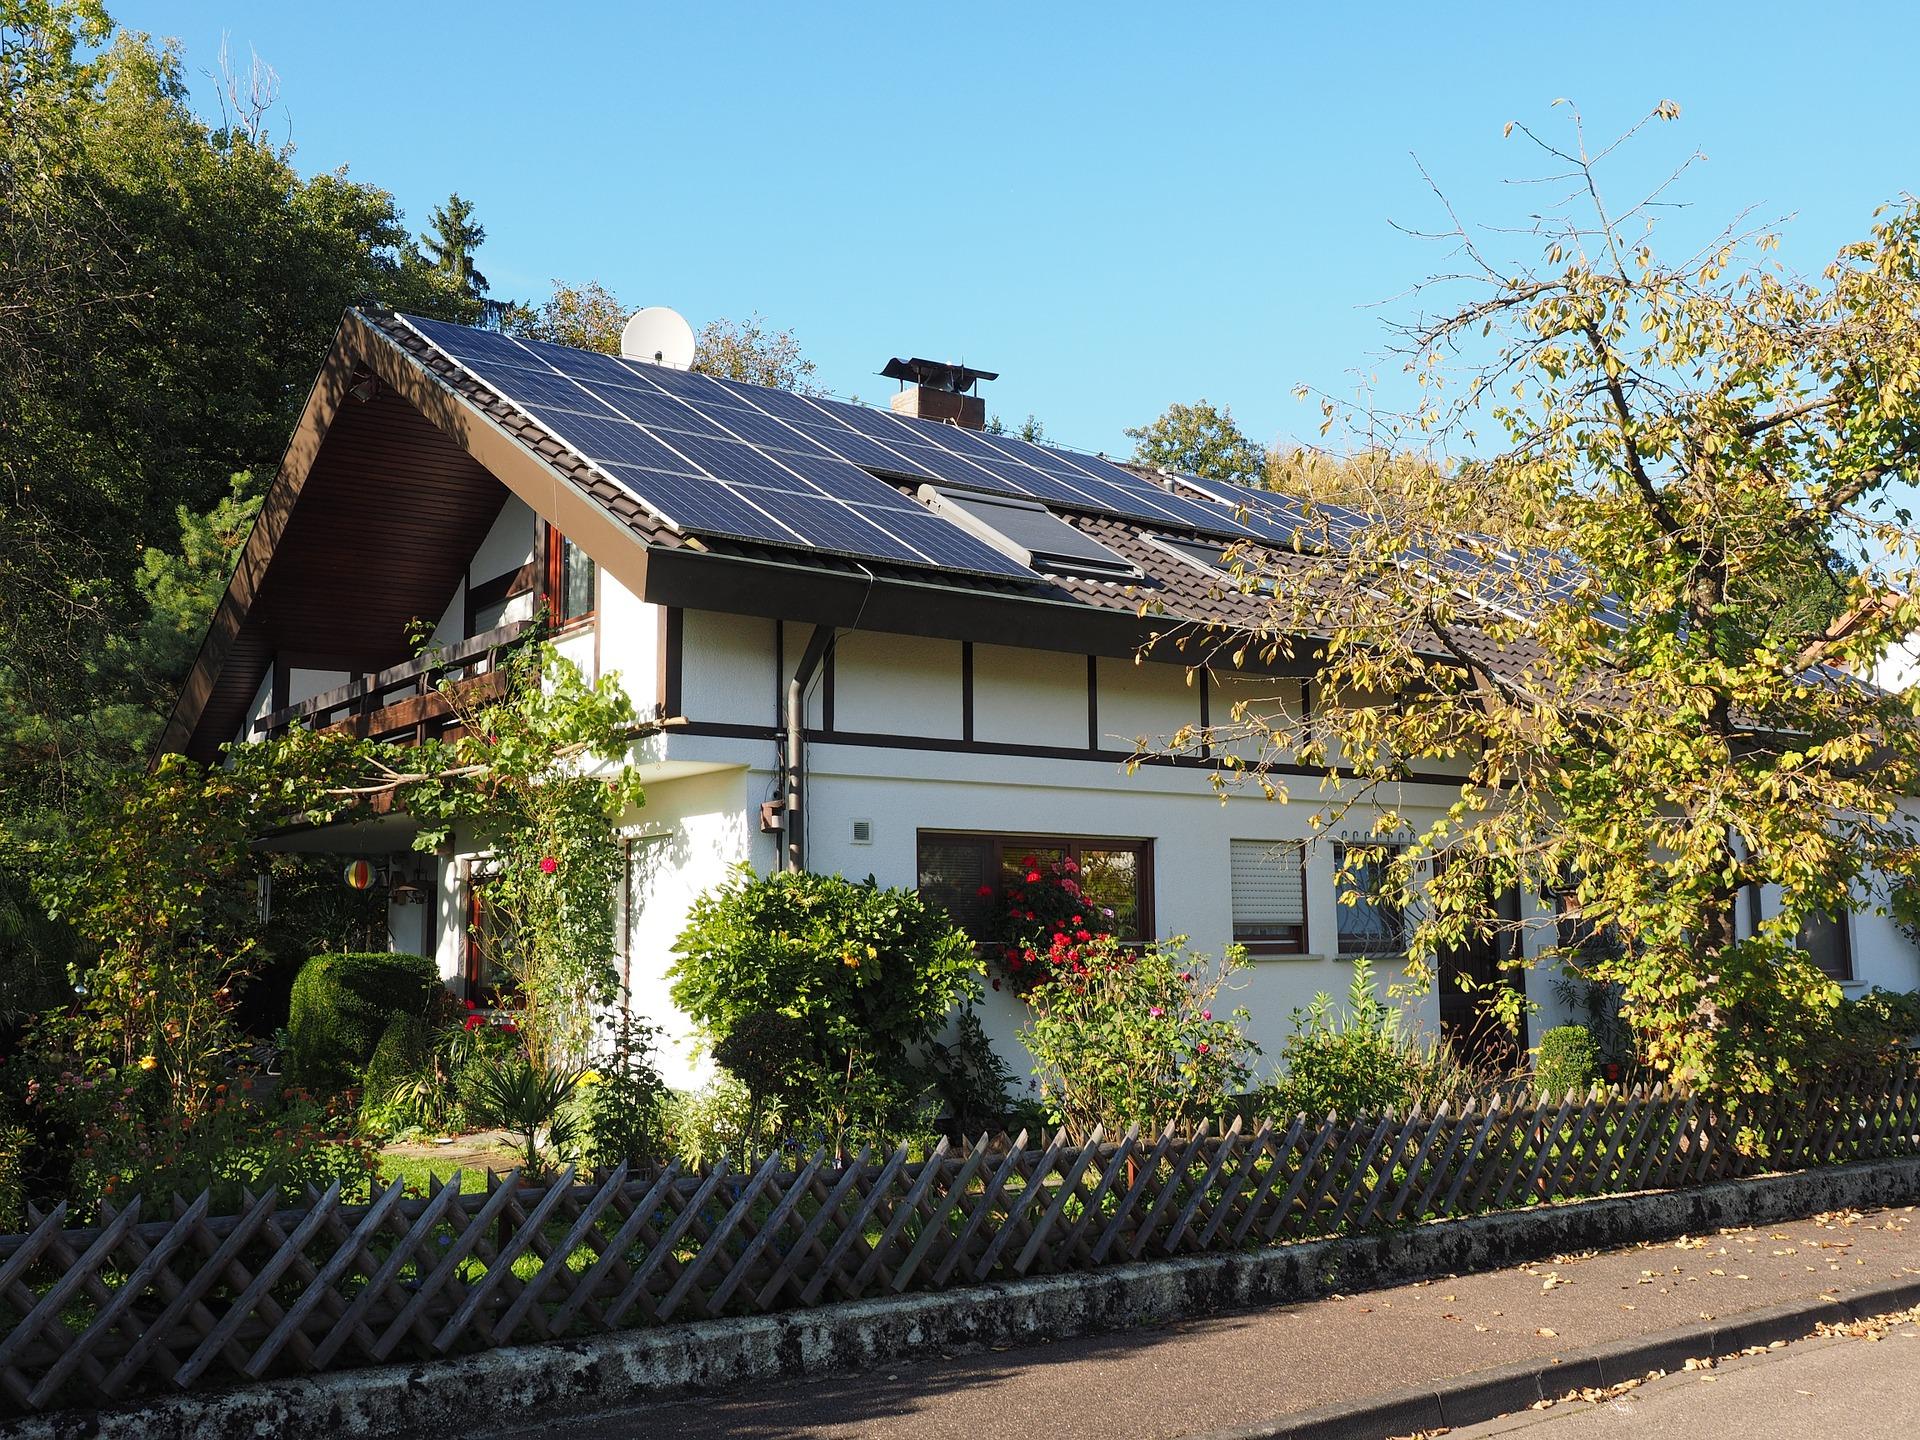 Energia solar em Cachoeirinha - Elysia energia solar Porto Alegre Rio Grande do Sul